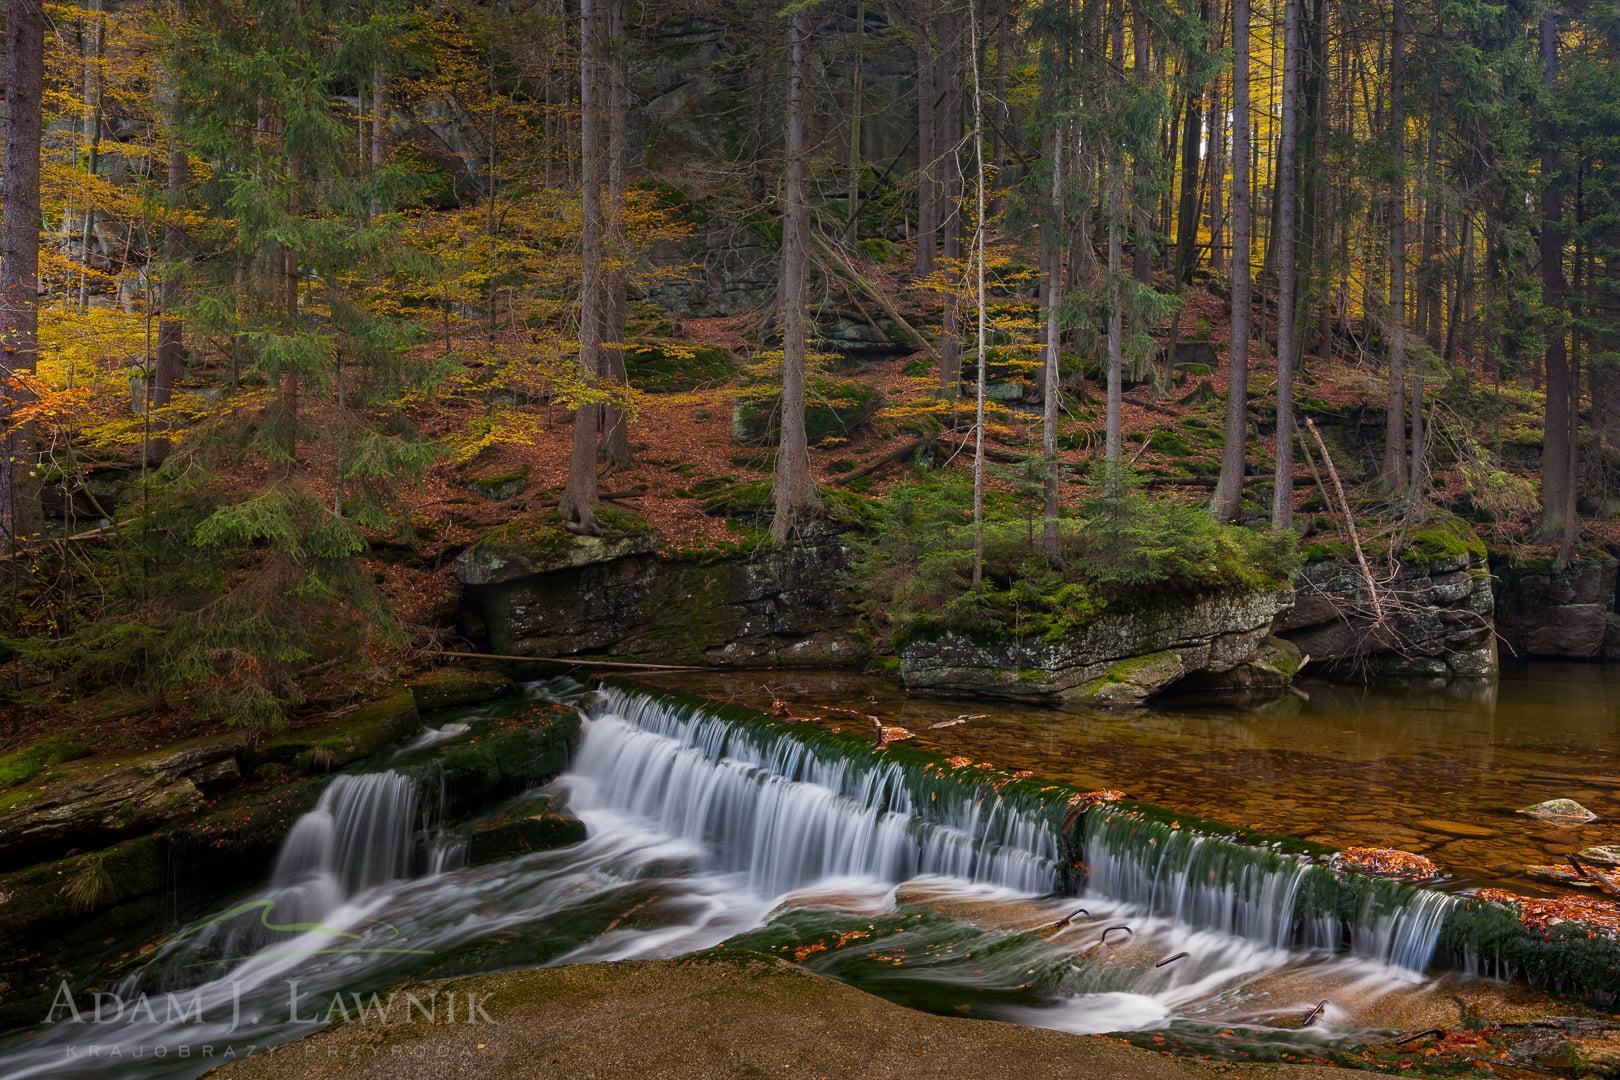 Karkonosze National Park, Poland 1110-02439C